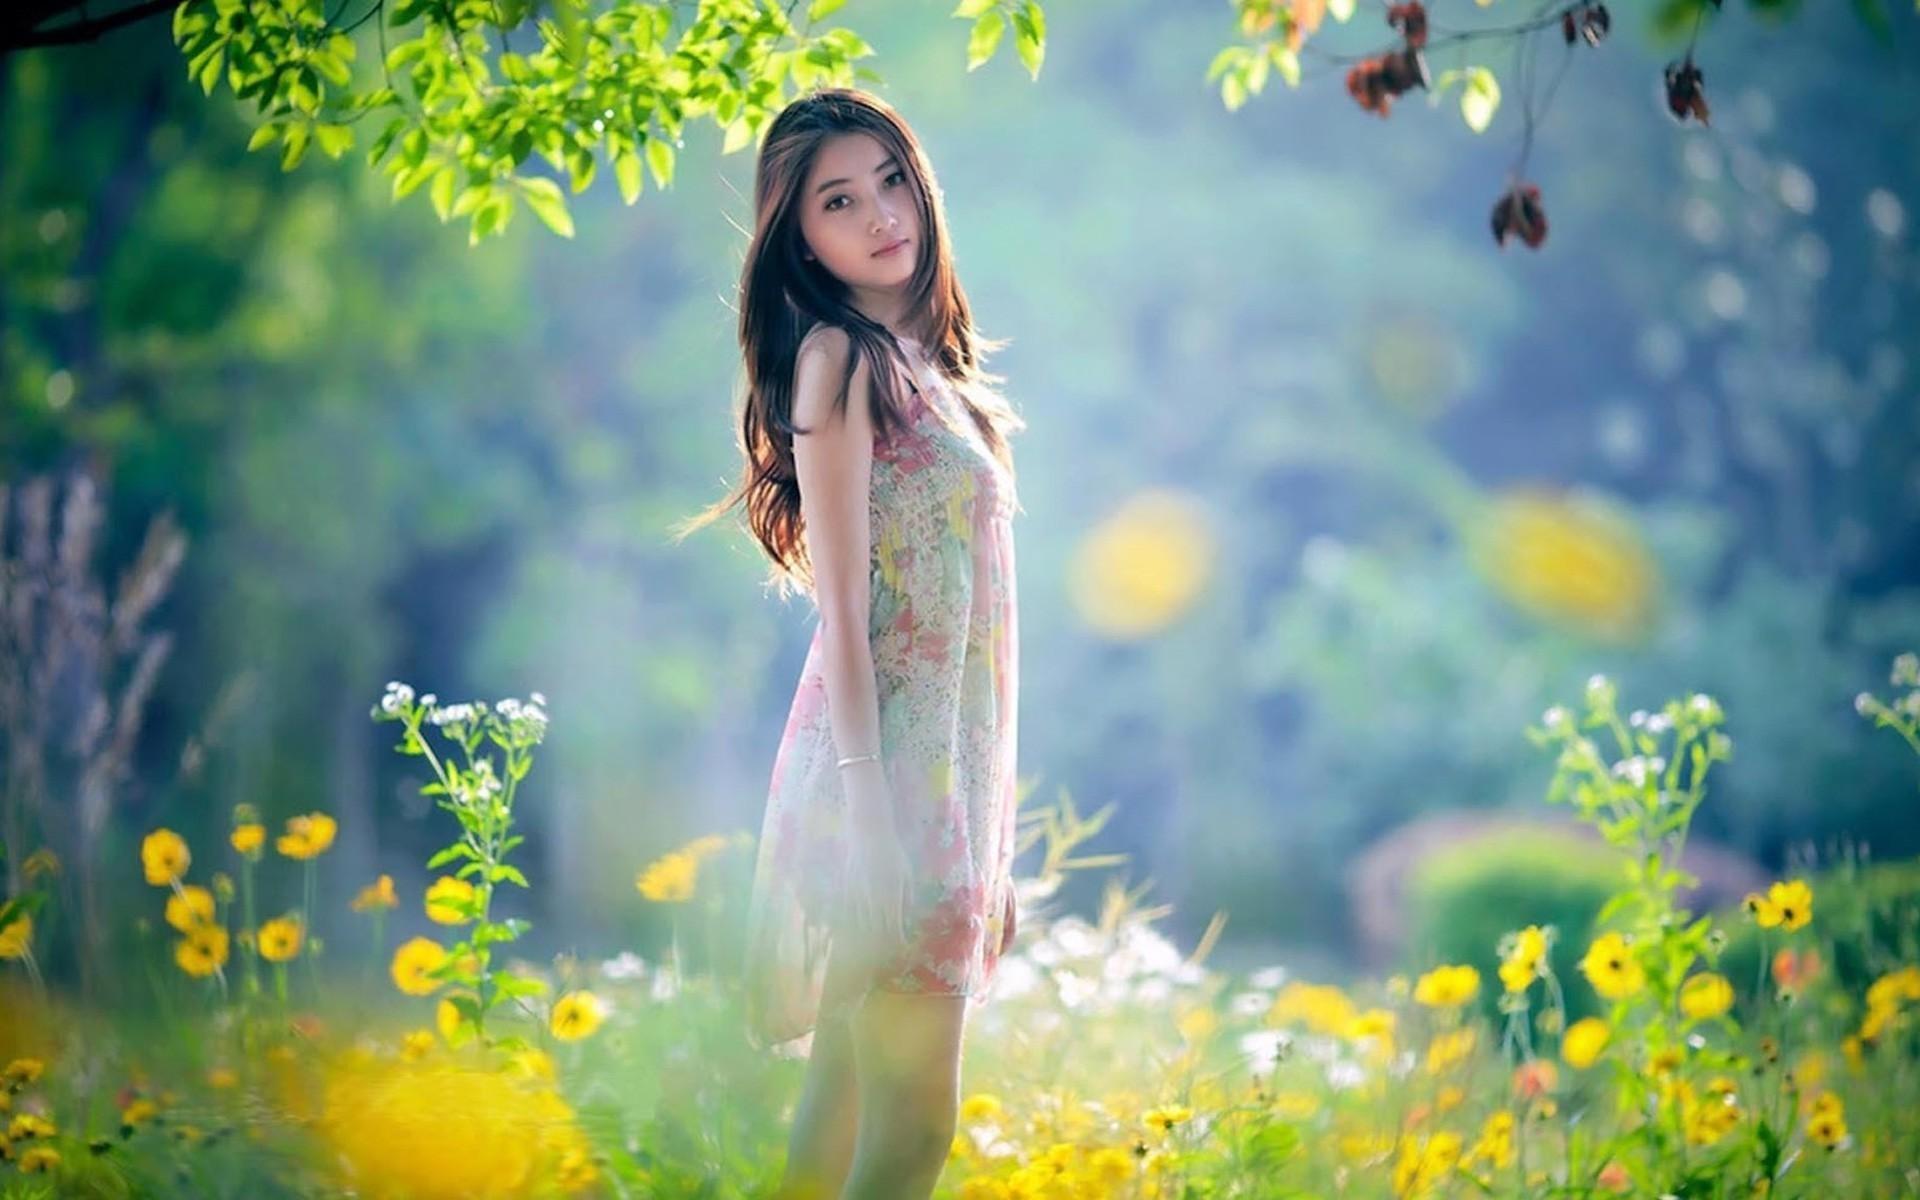 Asian nature desktop wallpaper wallpapersafari - Cute little girl pic hd ...